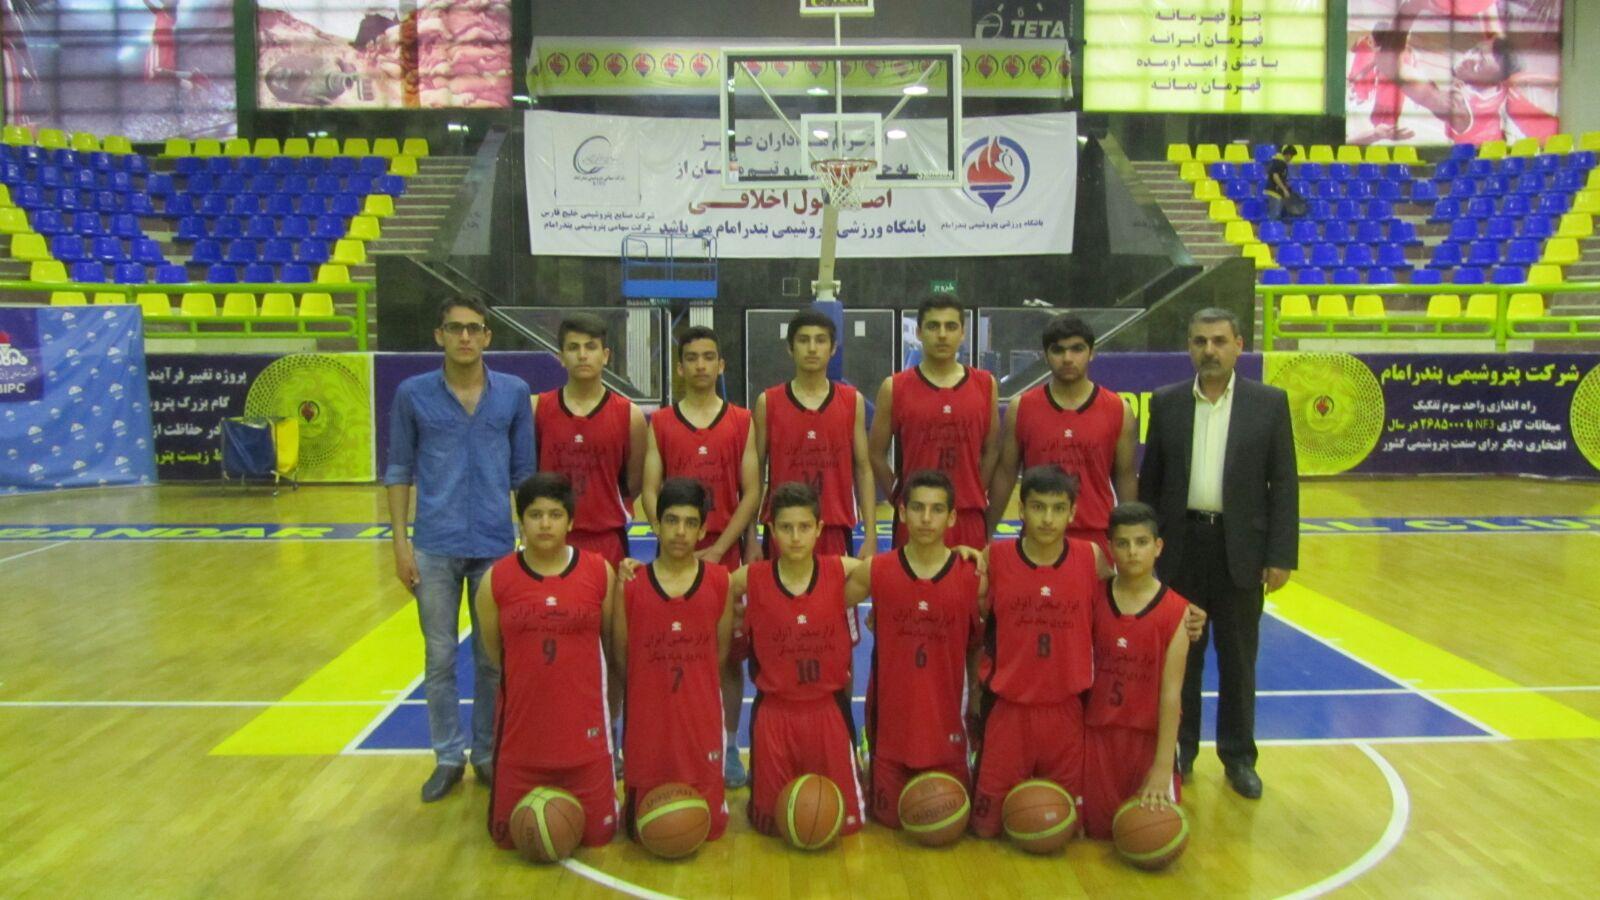 کسب مقام سوم نوجوانان بسکتبالیست ایذهای در مسابقات استان